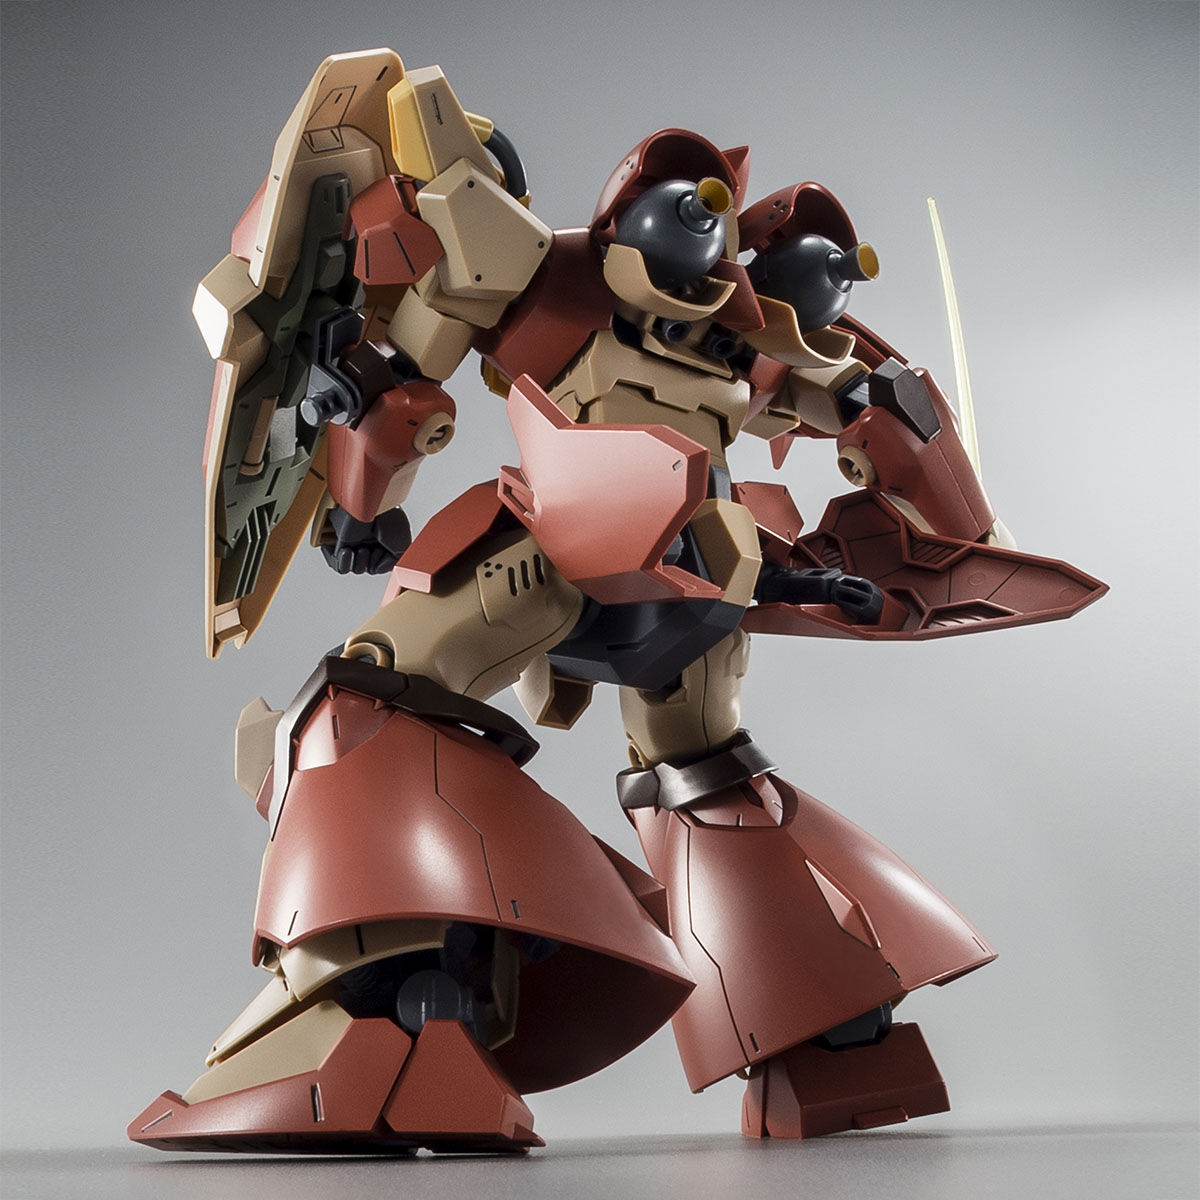 【限定販売】HG 1/144『メッサーF02型』機動戦士ガンダム 閃光のハサウェイ プラモデル-005